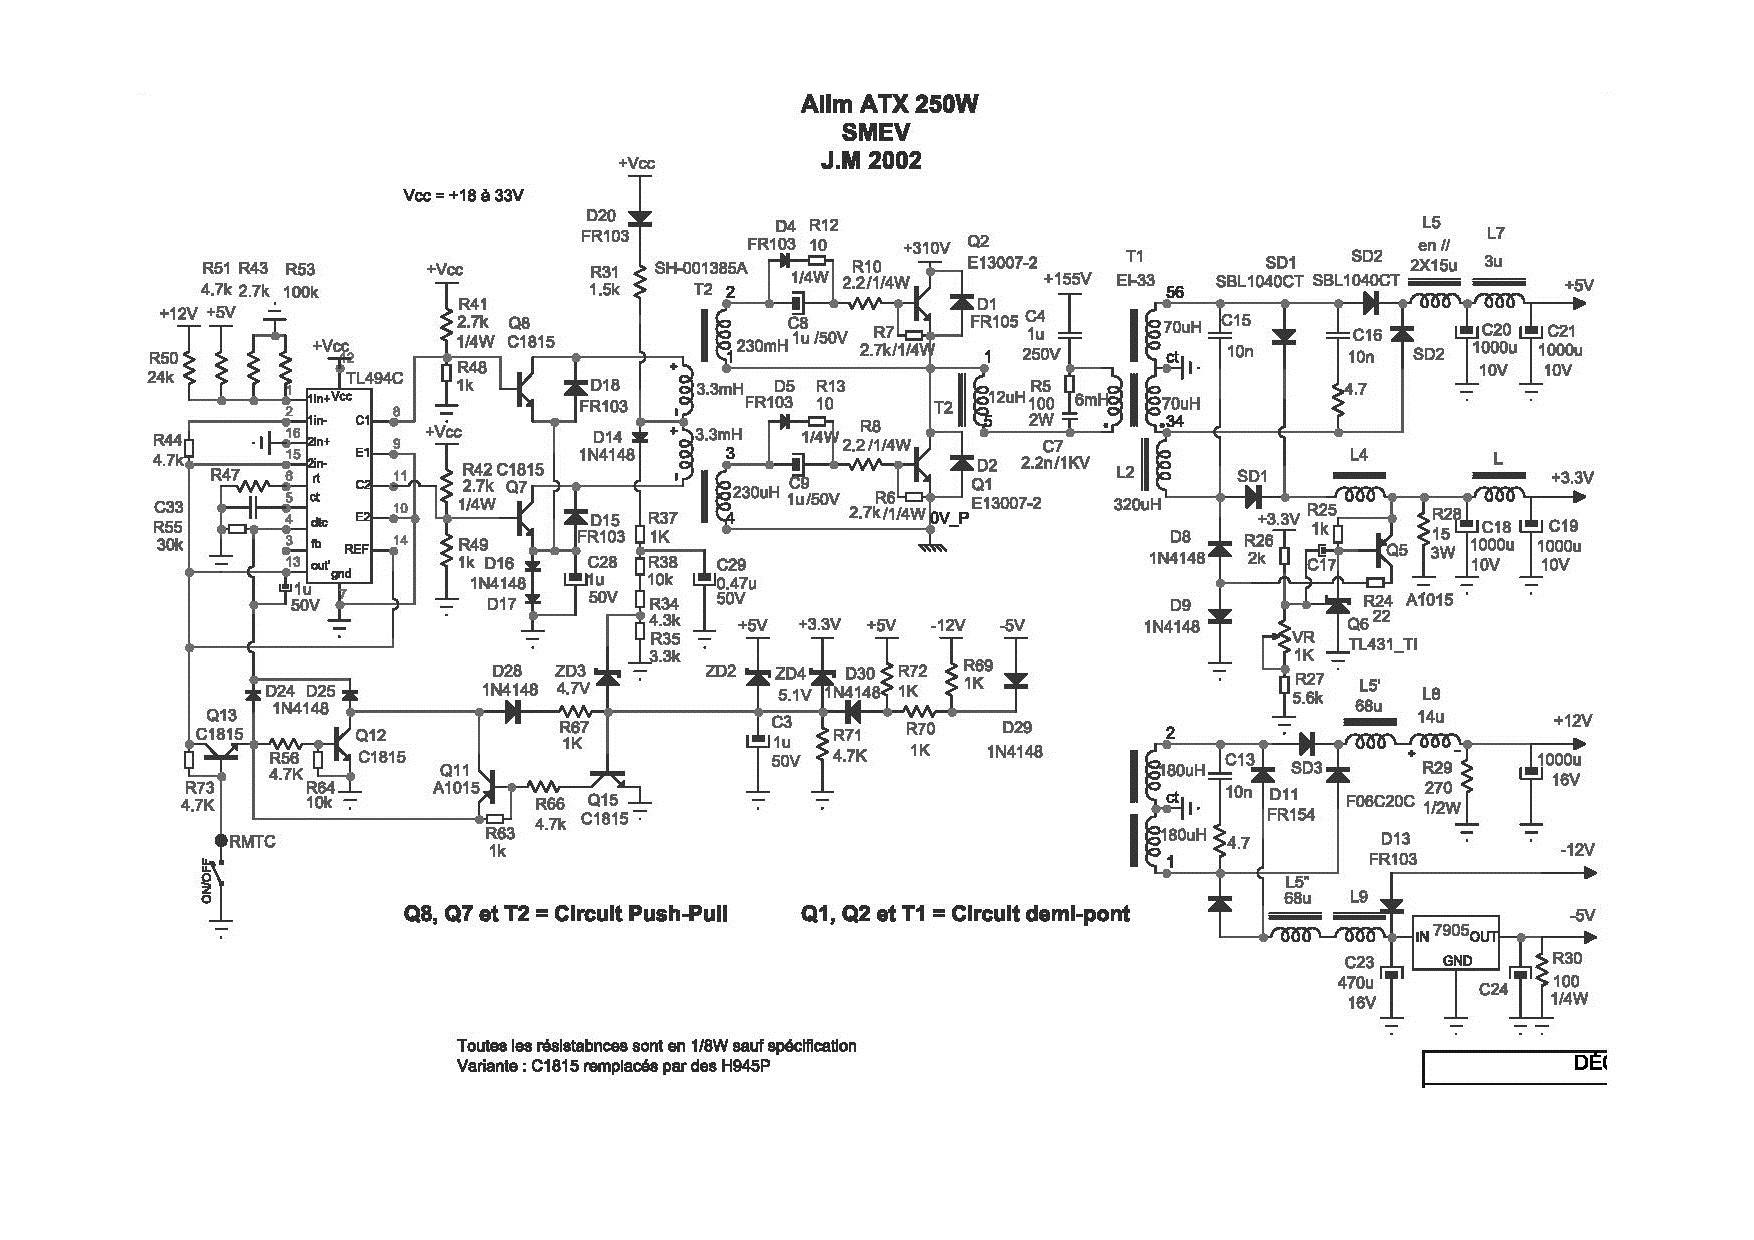 Схема lw2 300w lec 026 ver 1.0